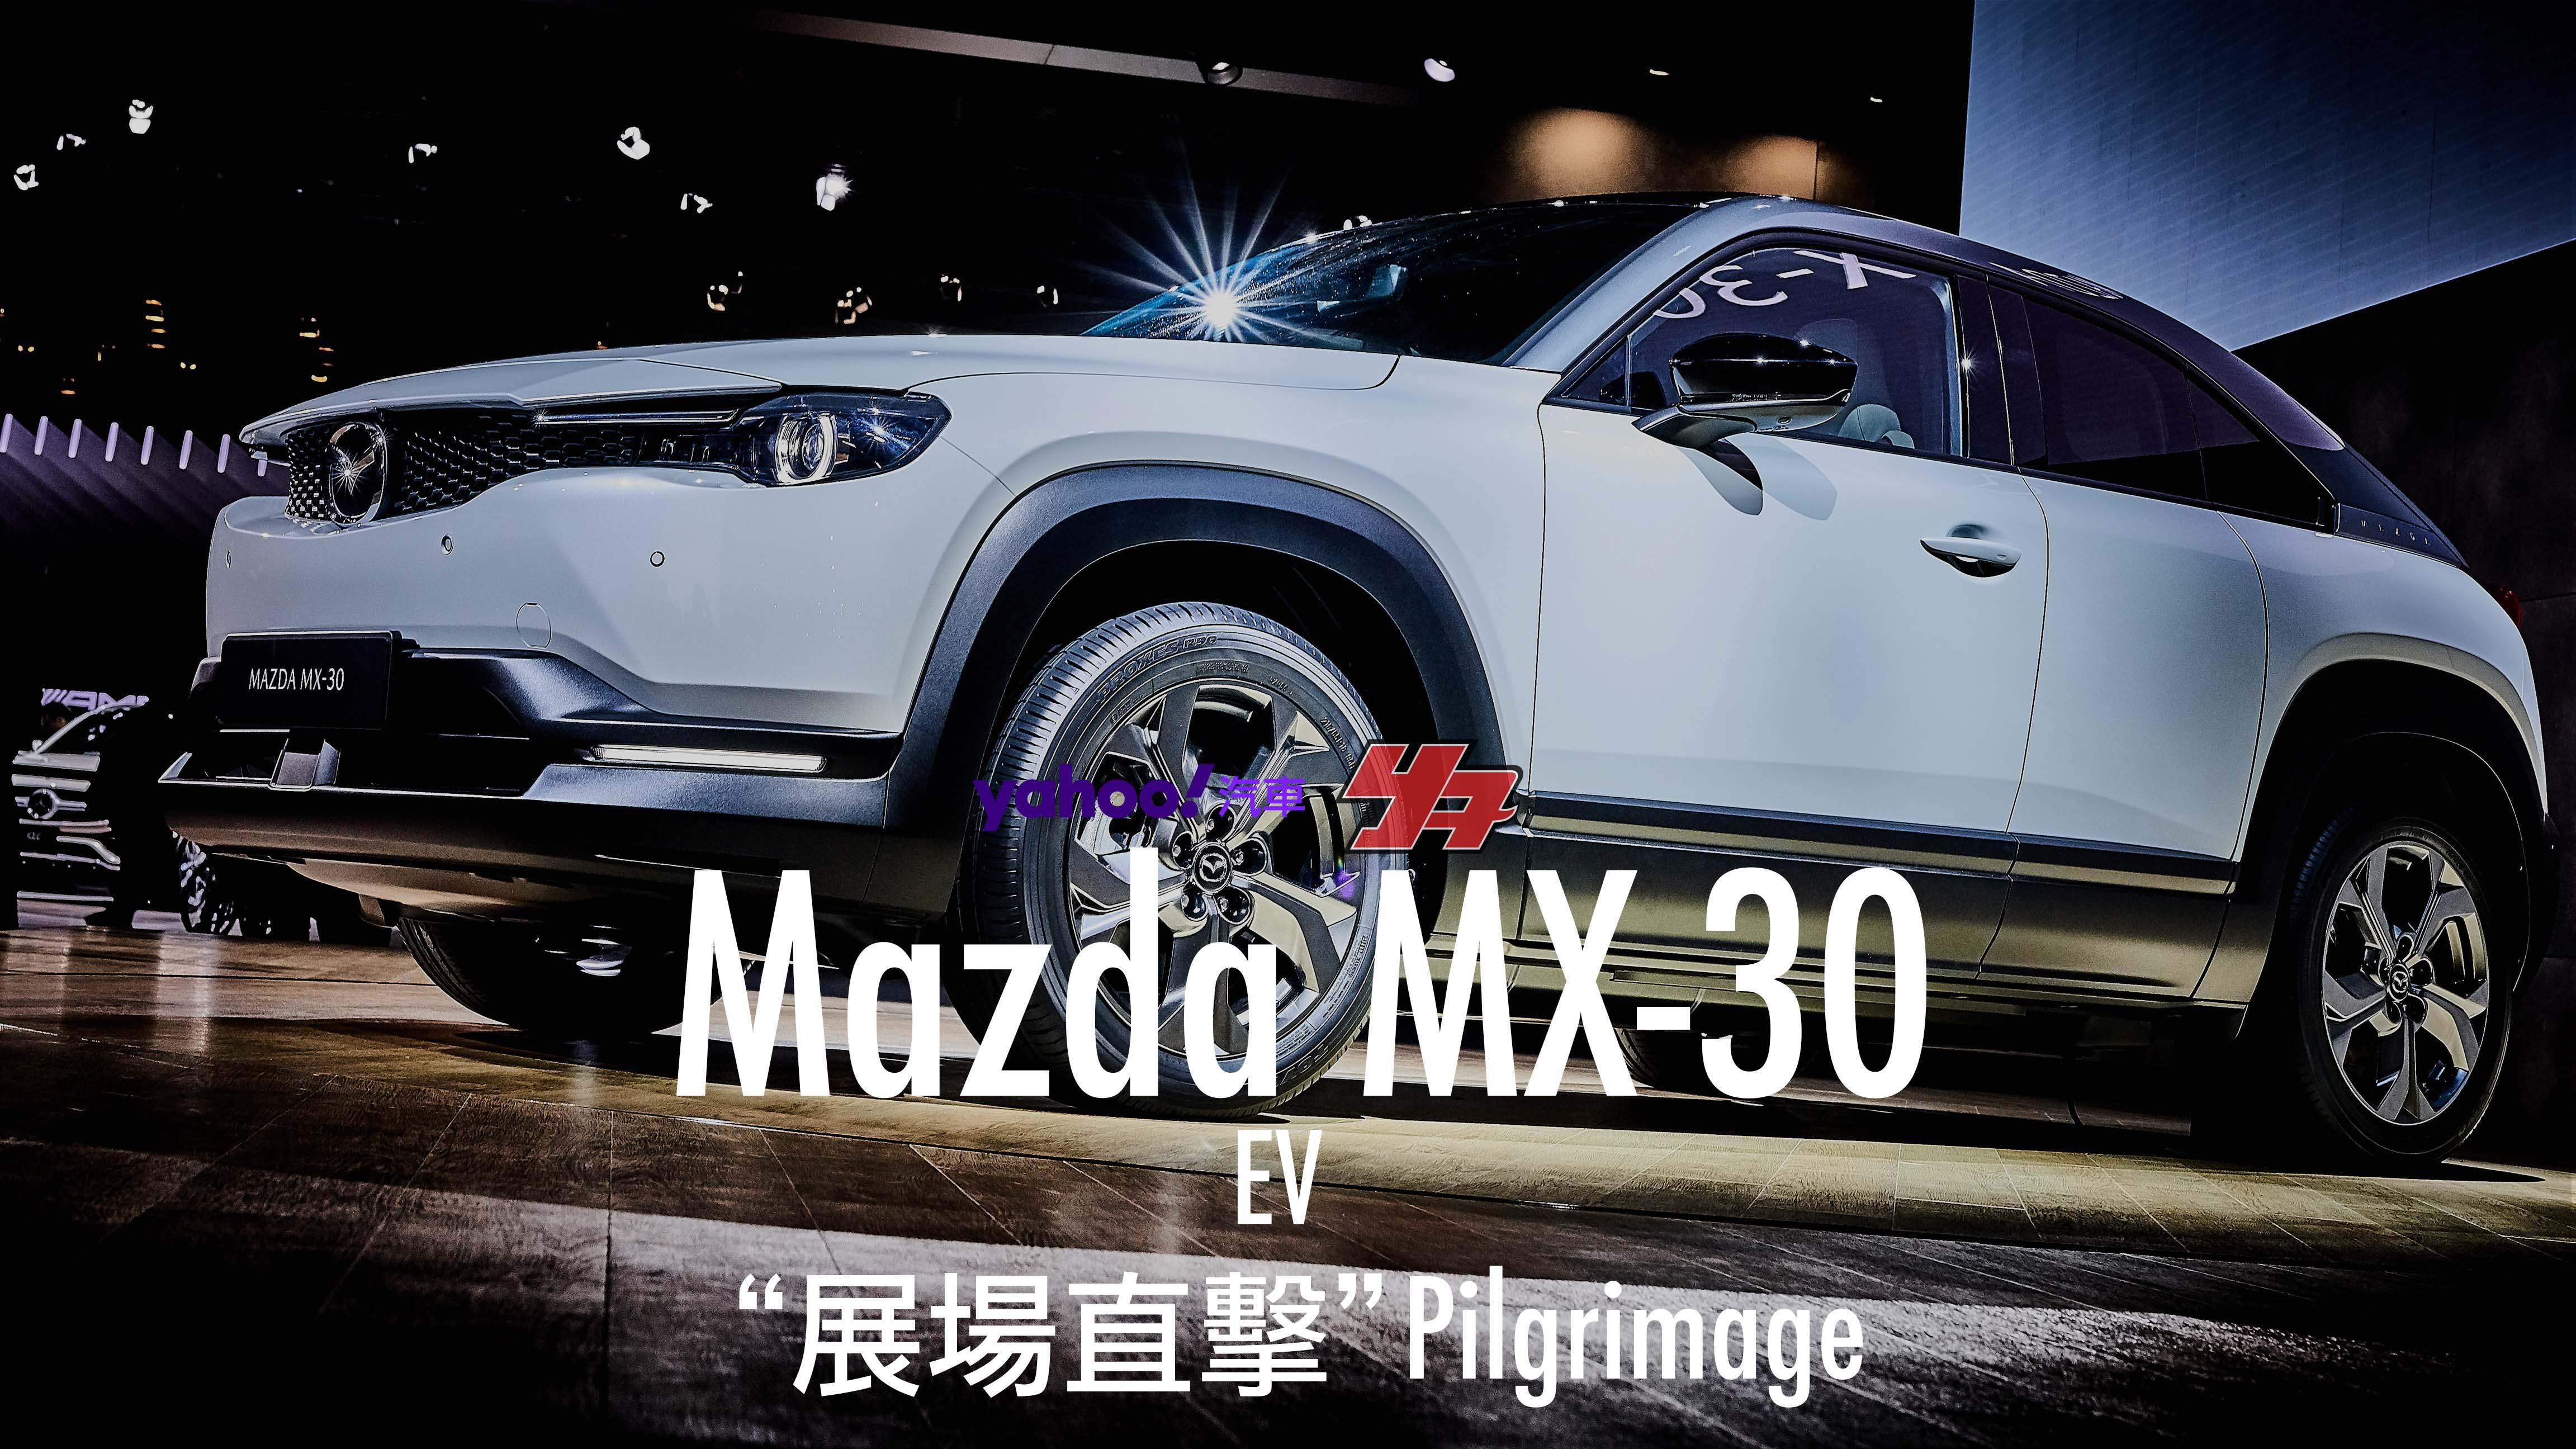 【東京車展直擊】冠上跑格之名的首席純電作品!2020 Mazda電動休旅MX-30準備量產待命!